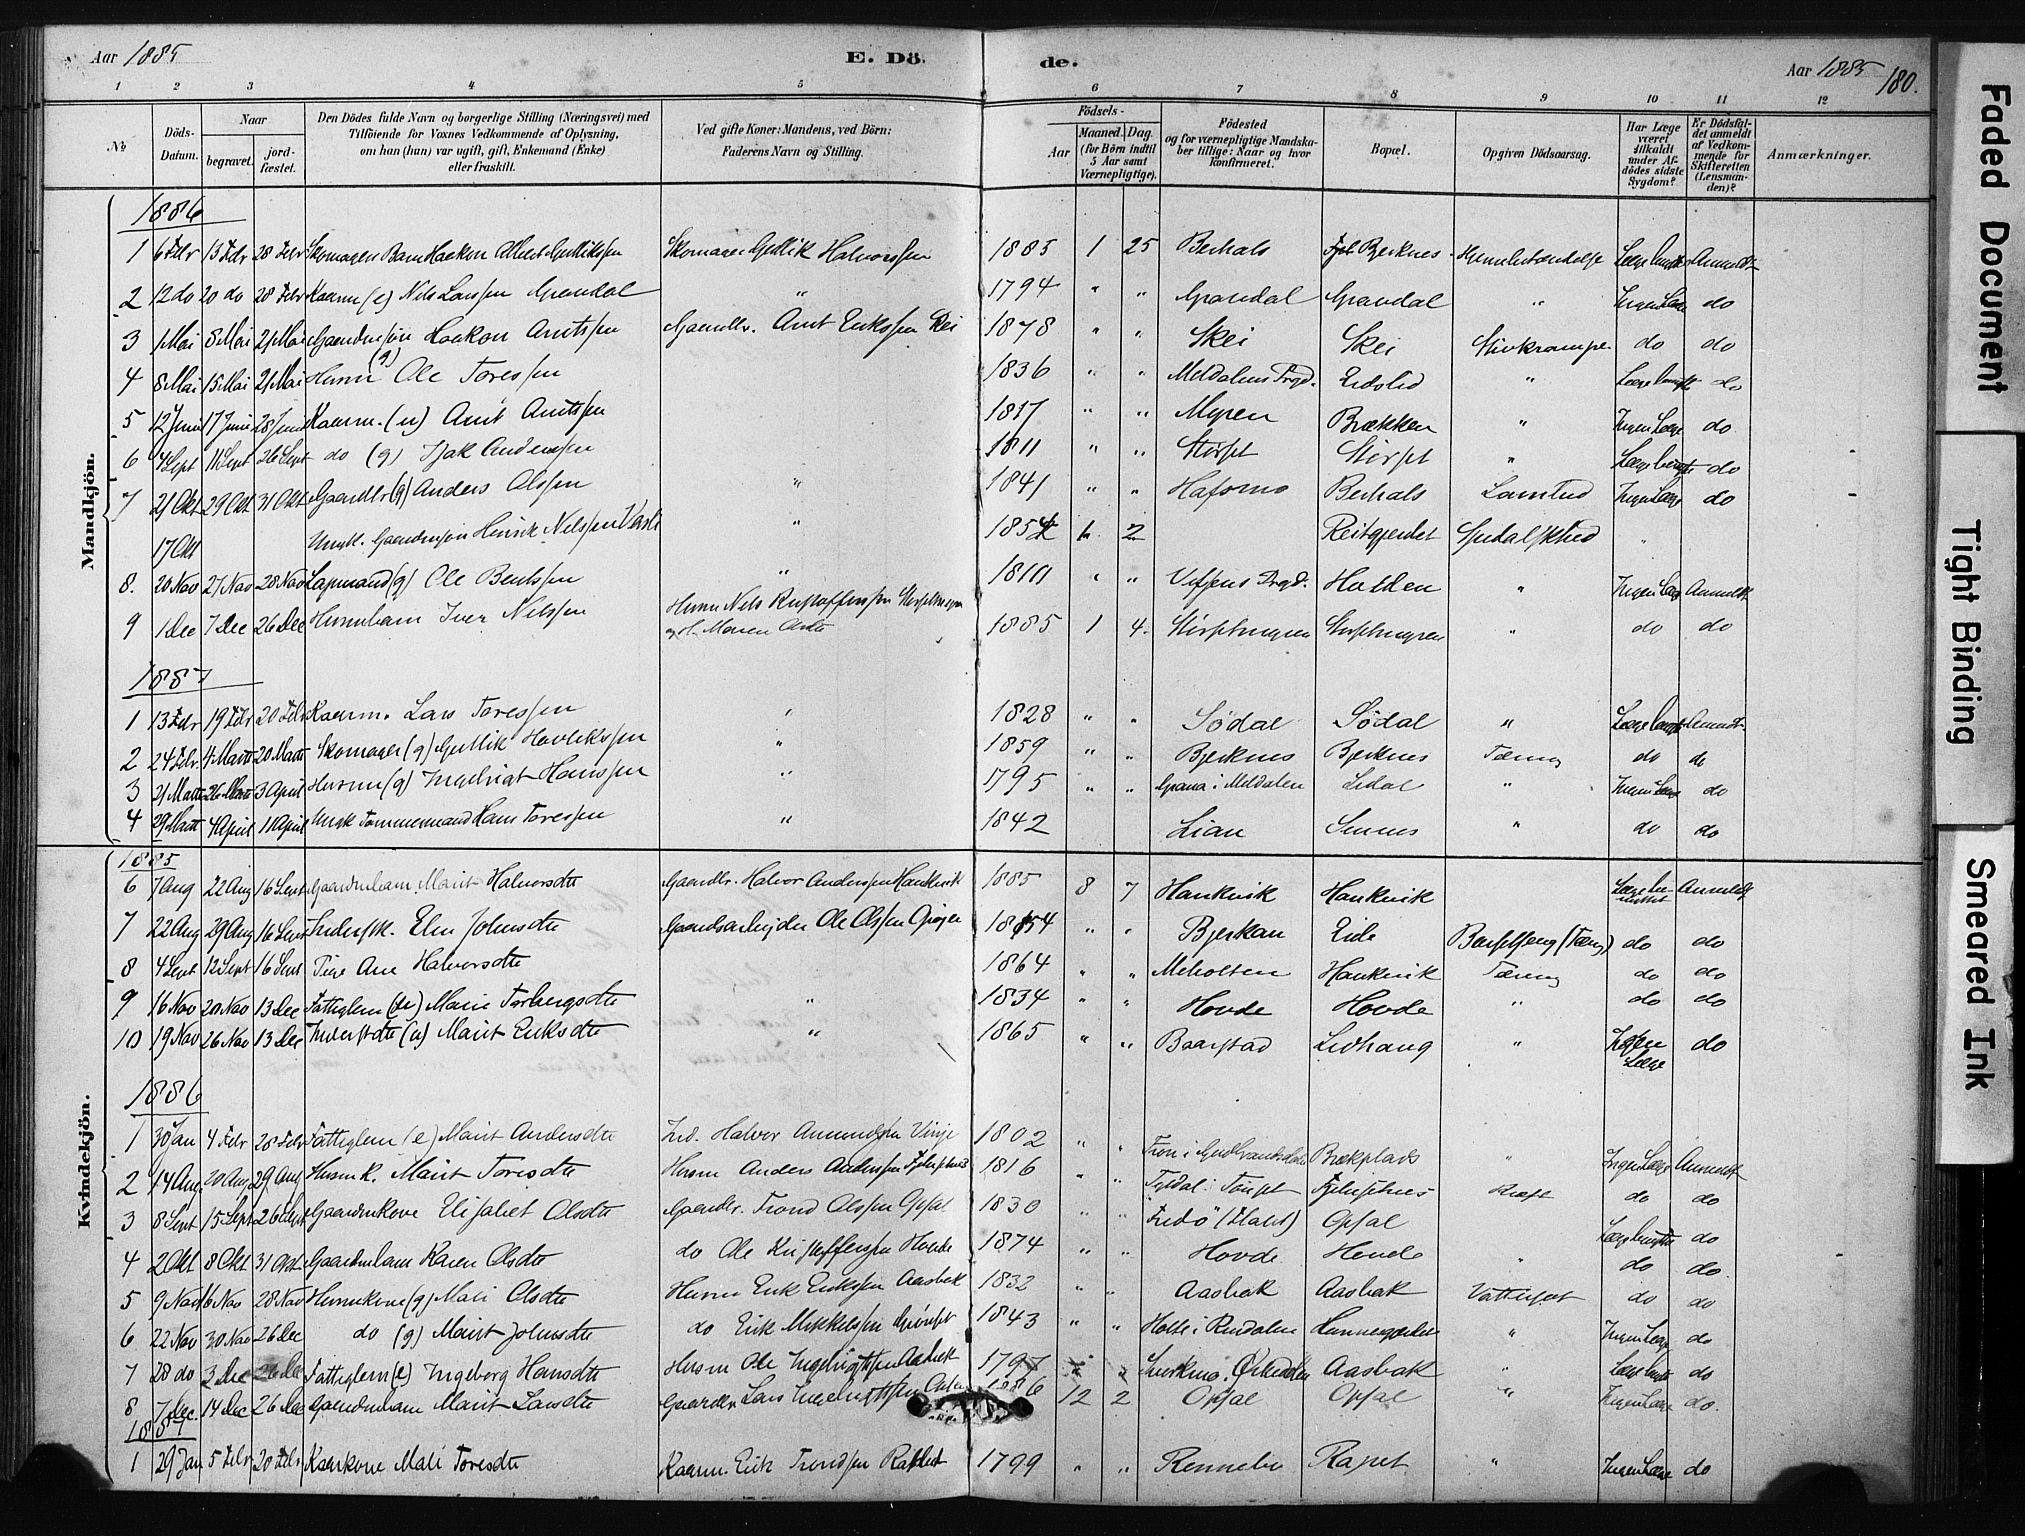 SAT, Ministerialprotokoller, klokkerbøker og fødselsregistre - Sør-Trøndelag, 631/L0512: Ministerialbok nr. 631A01, 1879-1912, s. 180